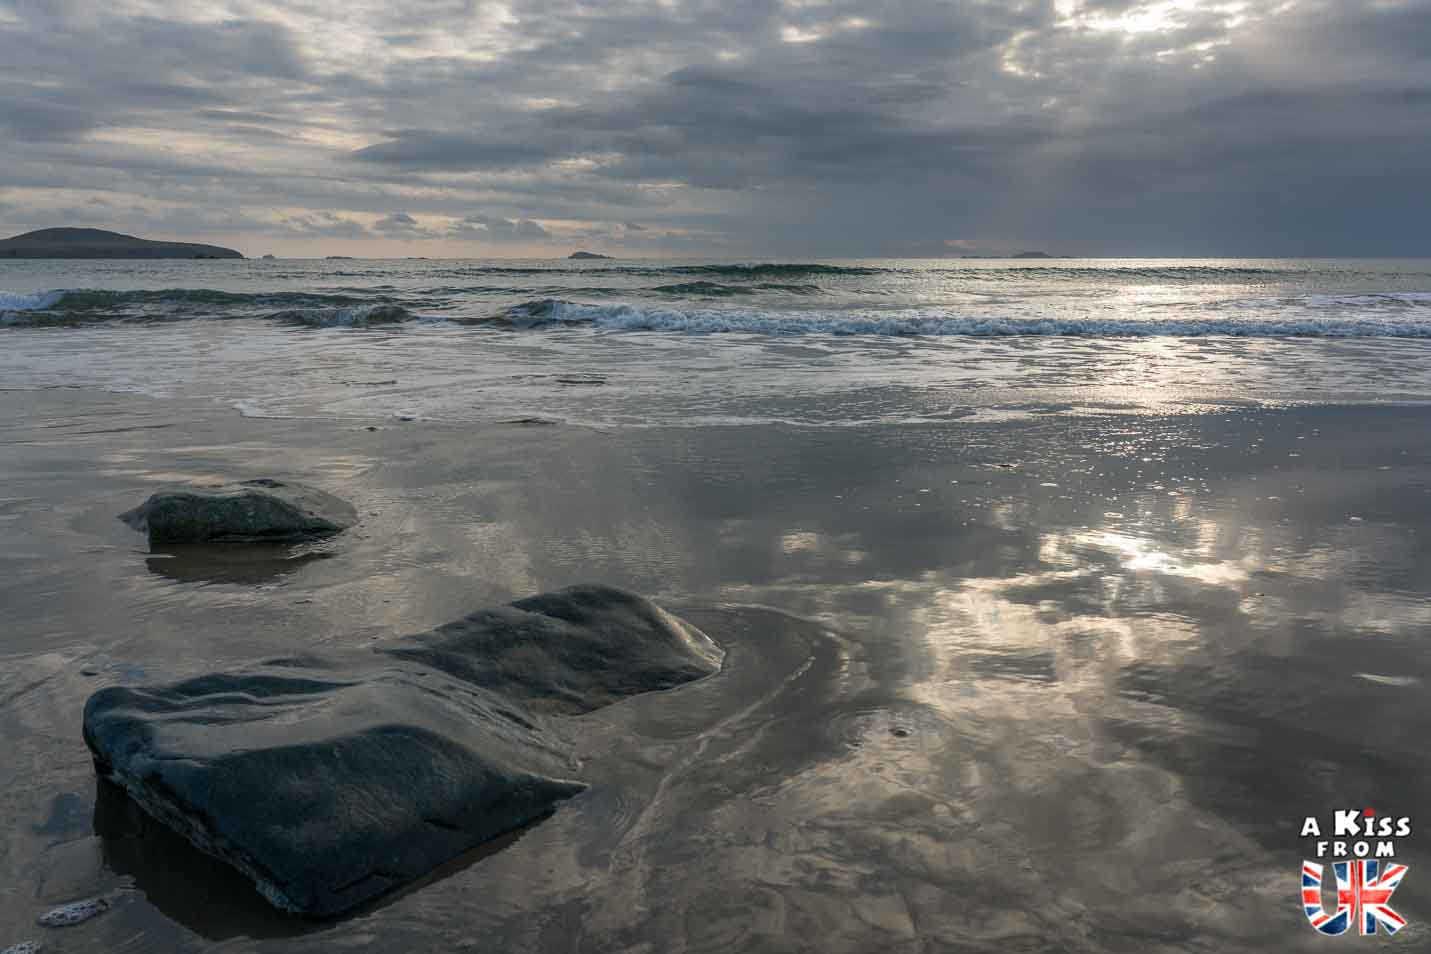 Whitesands Bay - Que voir dans le Pembrokeshire au Pays de Galles ? Visiter le Pembrokeshire avec A Kiss from UK, guide & blog voyage sur l'Ecosse, l'Angleterre et le Pays de Galles.